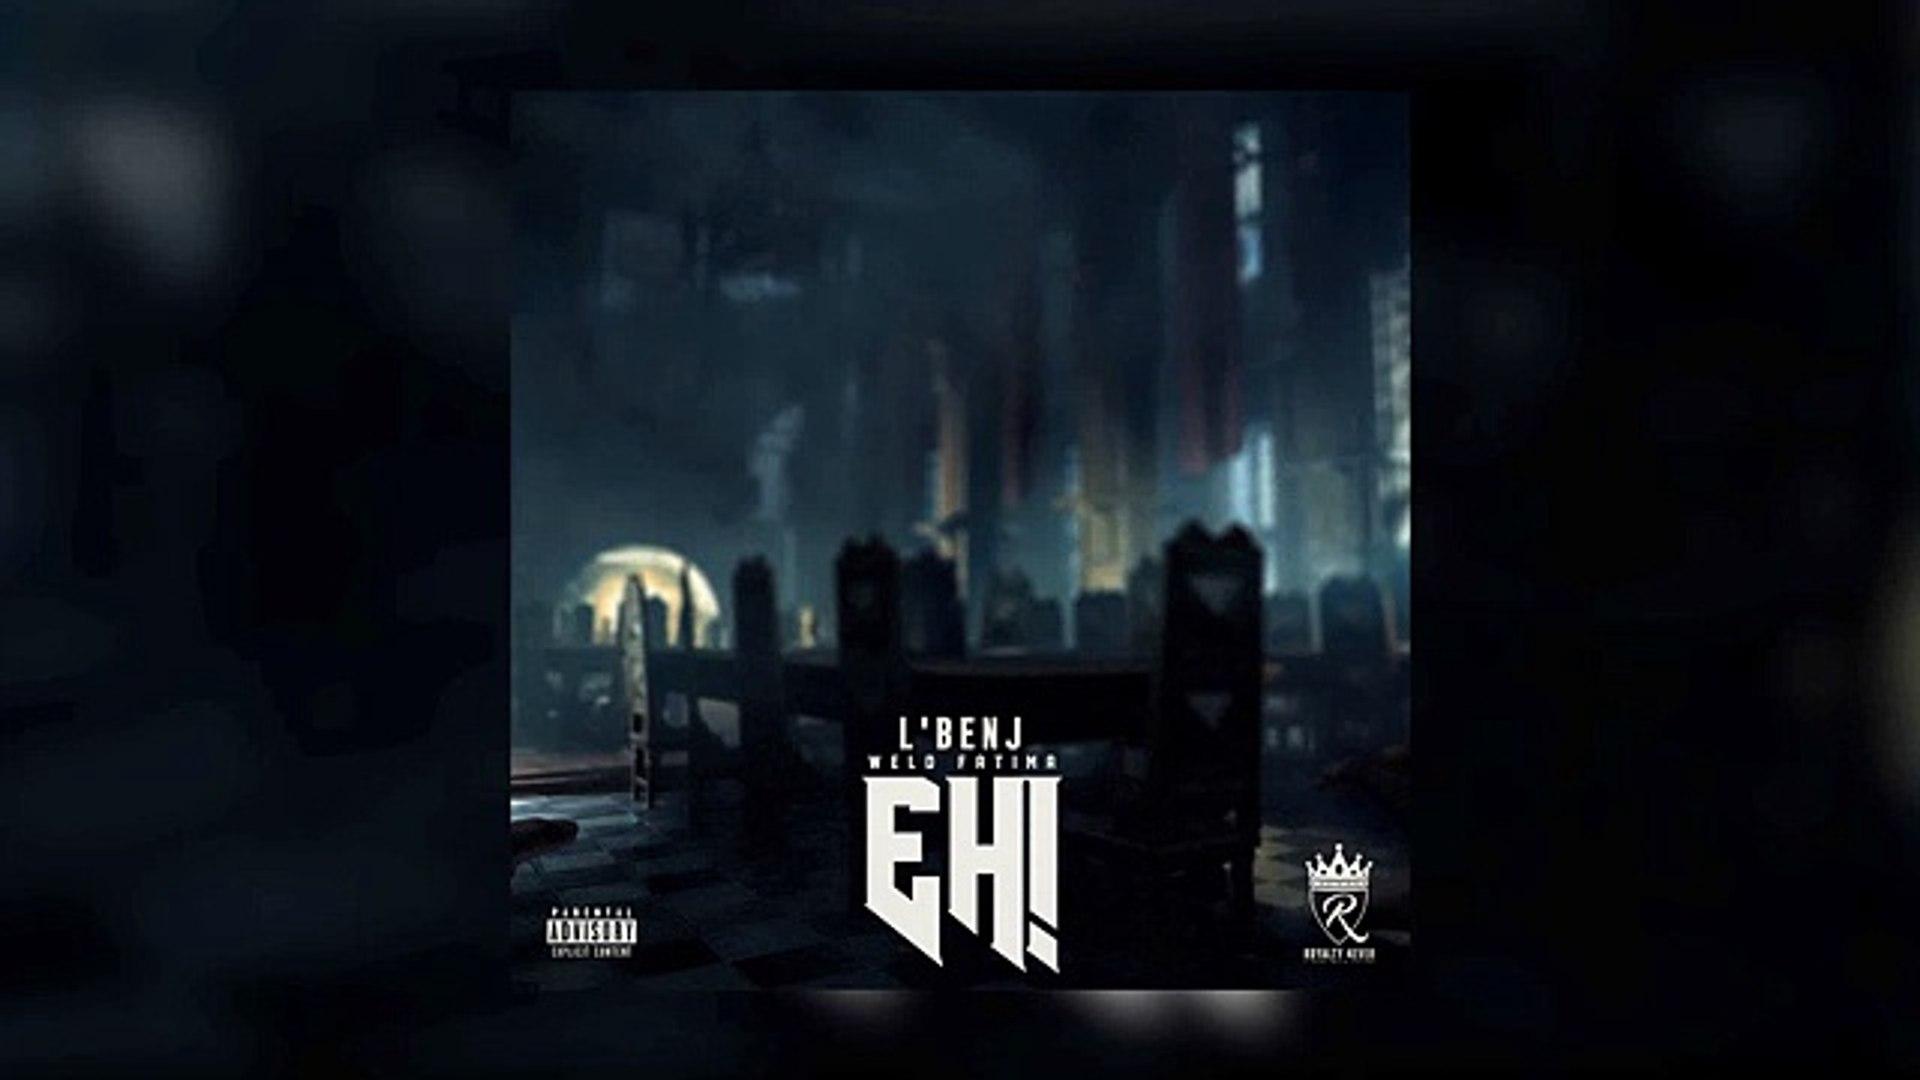 Lbenj - EH! (Official Audio) البنج - ايه